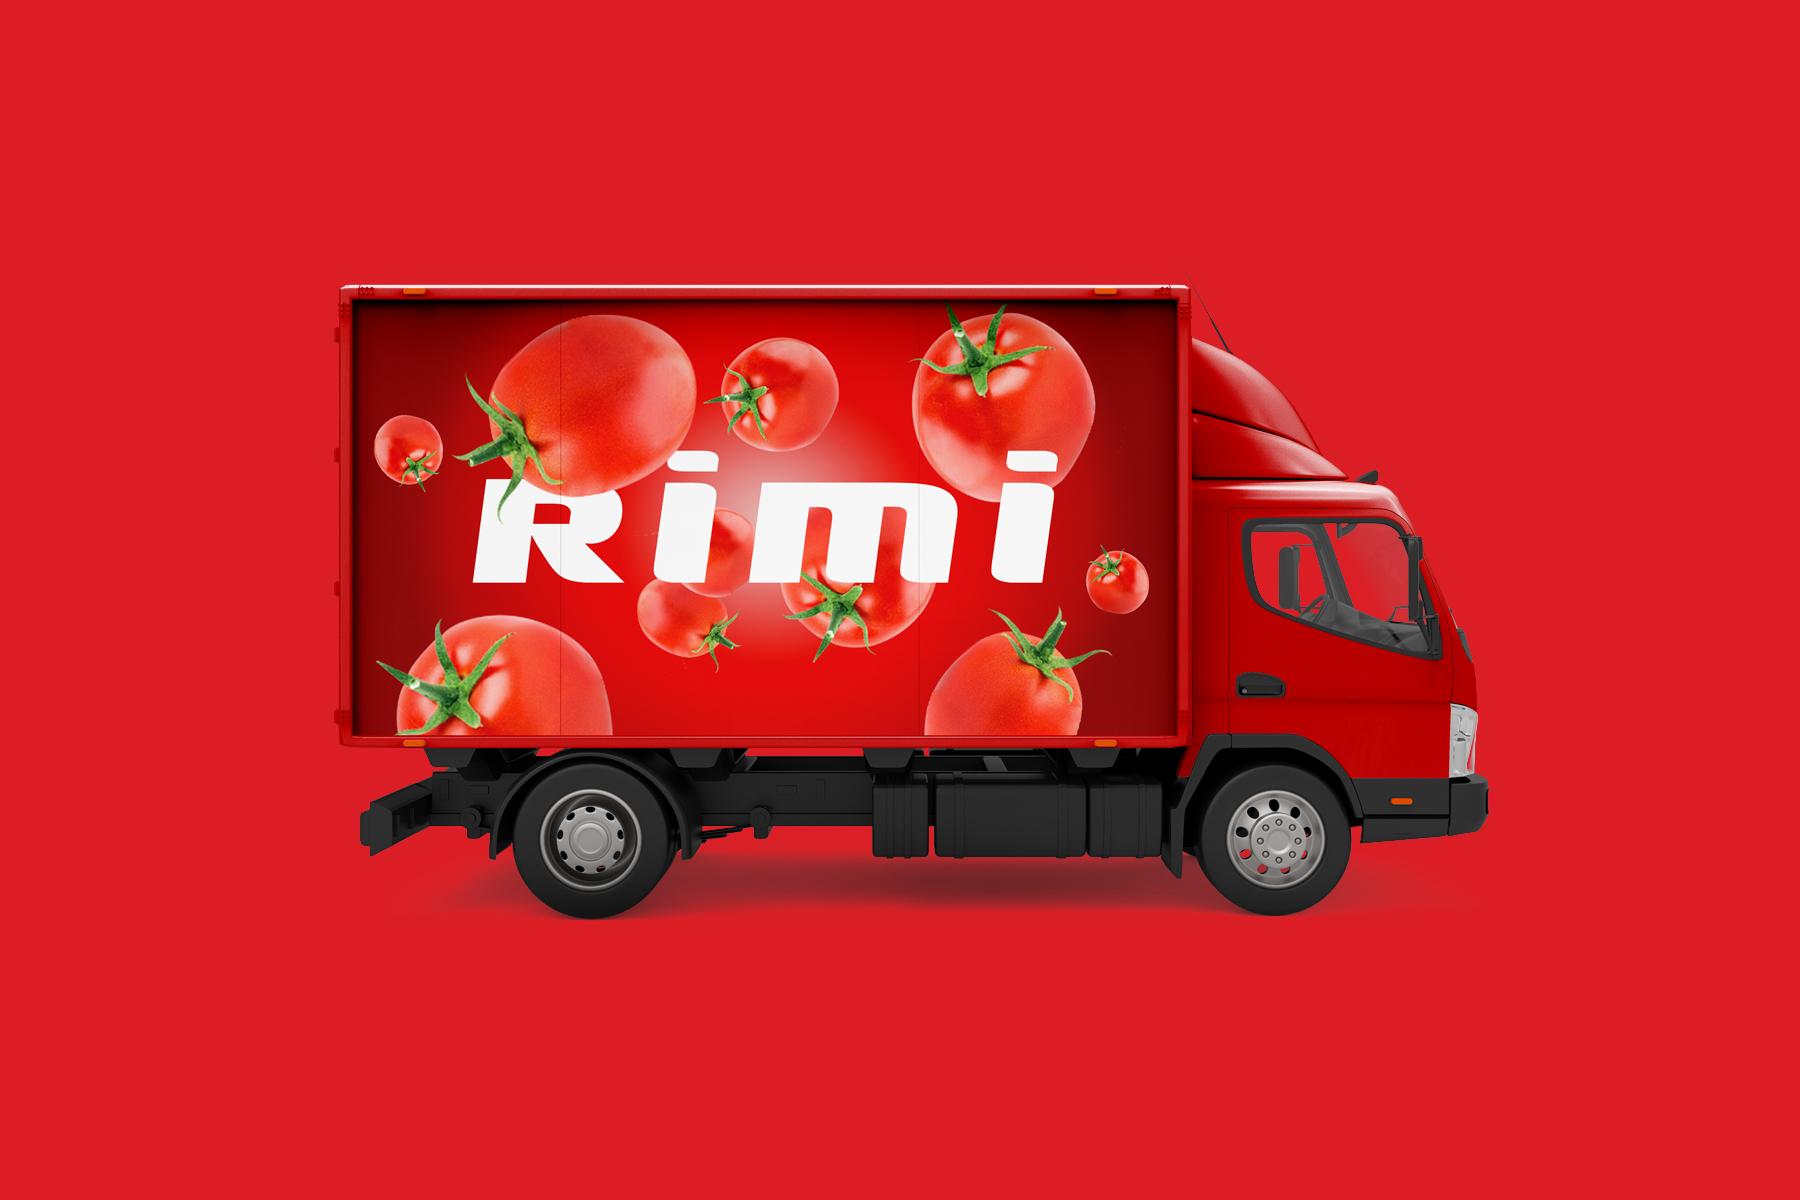 rimi_truck_red2